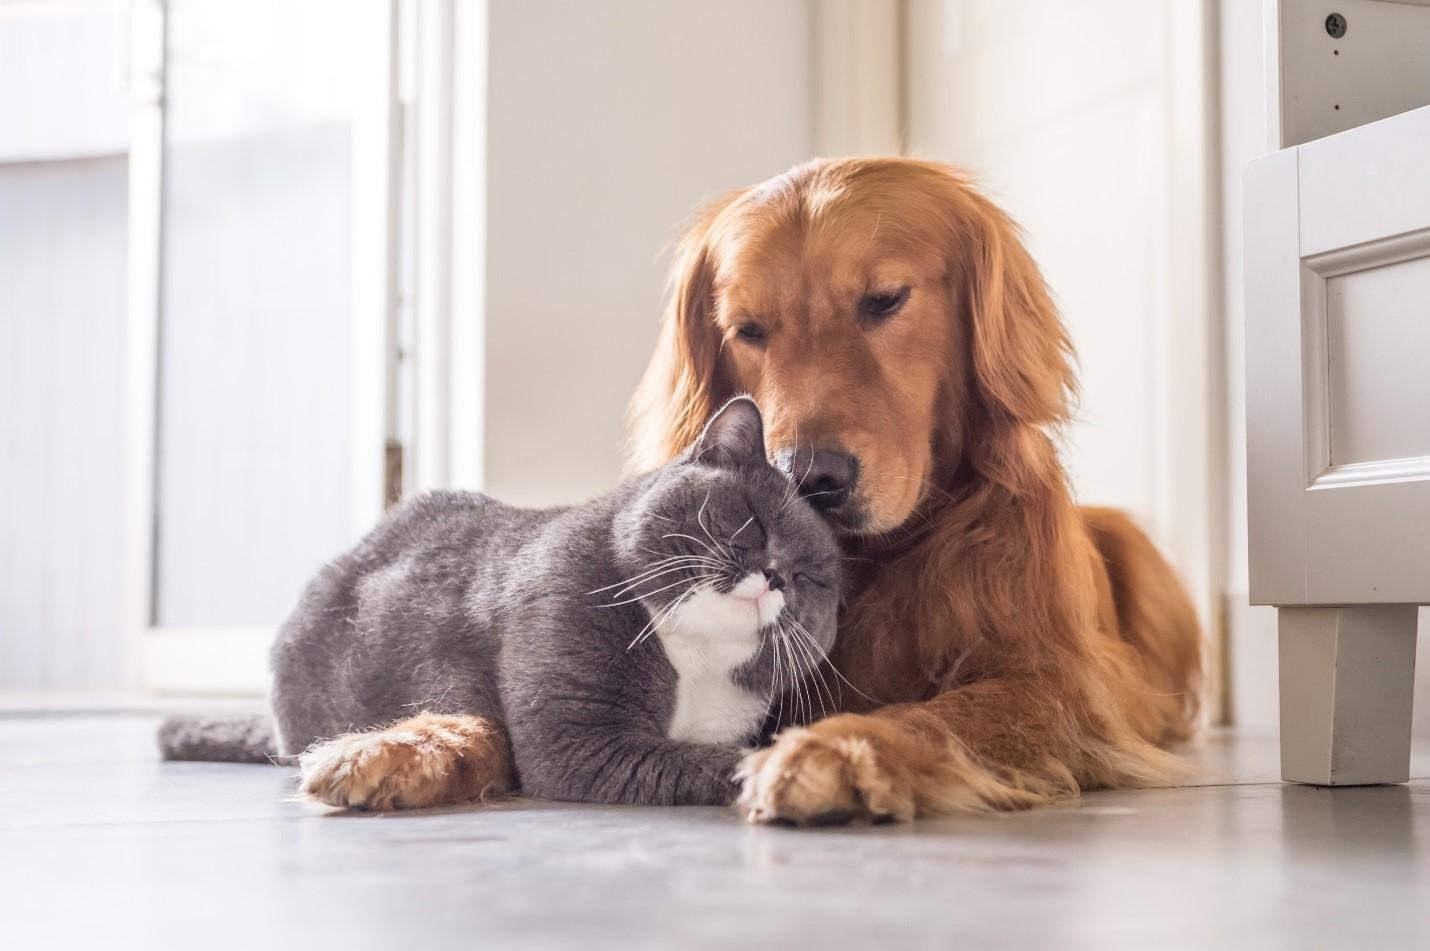 Bạn yêu thú cưng? Hãy tìm đến các loại đồng hồ thân thiện với động ...